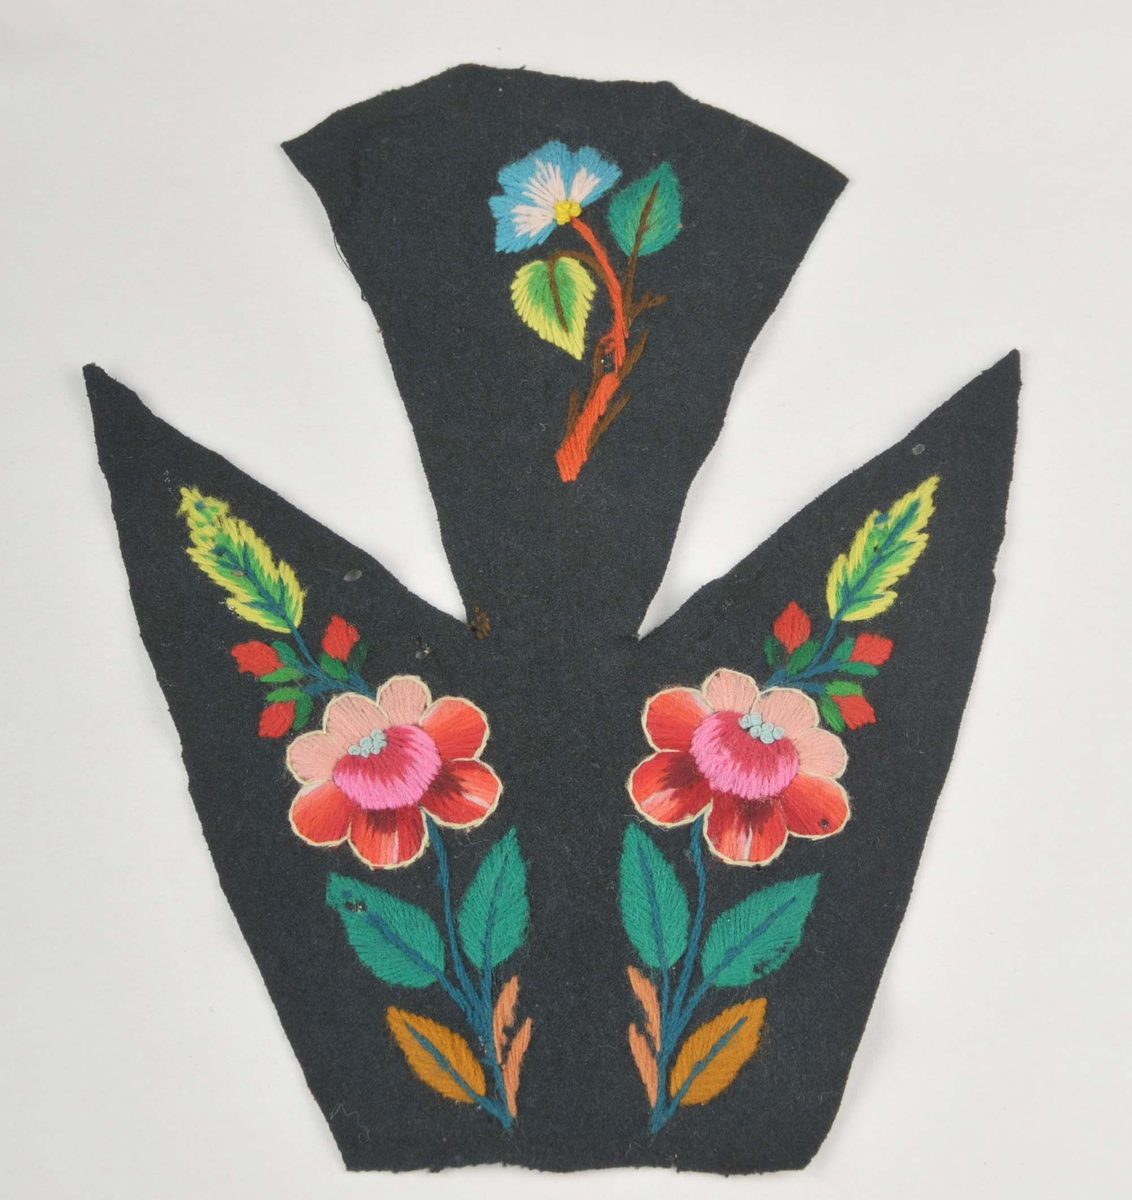 Broderi på svart klede, del av bakstykke til eit draktliv. Motivet er blomar og blad i sterke fargar. Blomene er kanta med kontursting i kvitt.